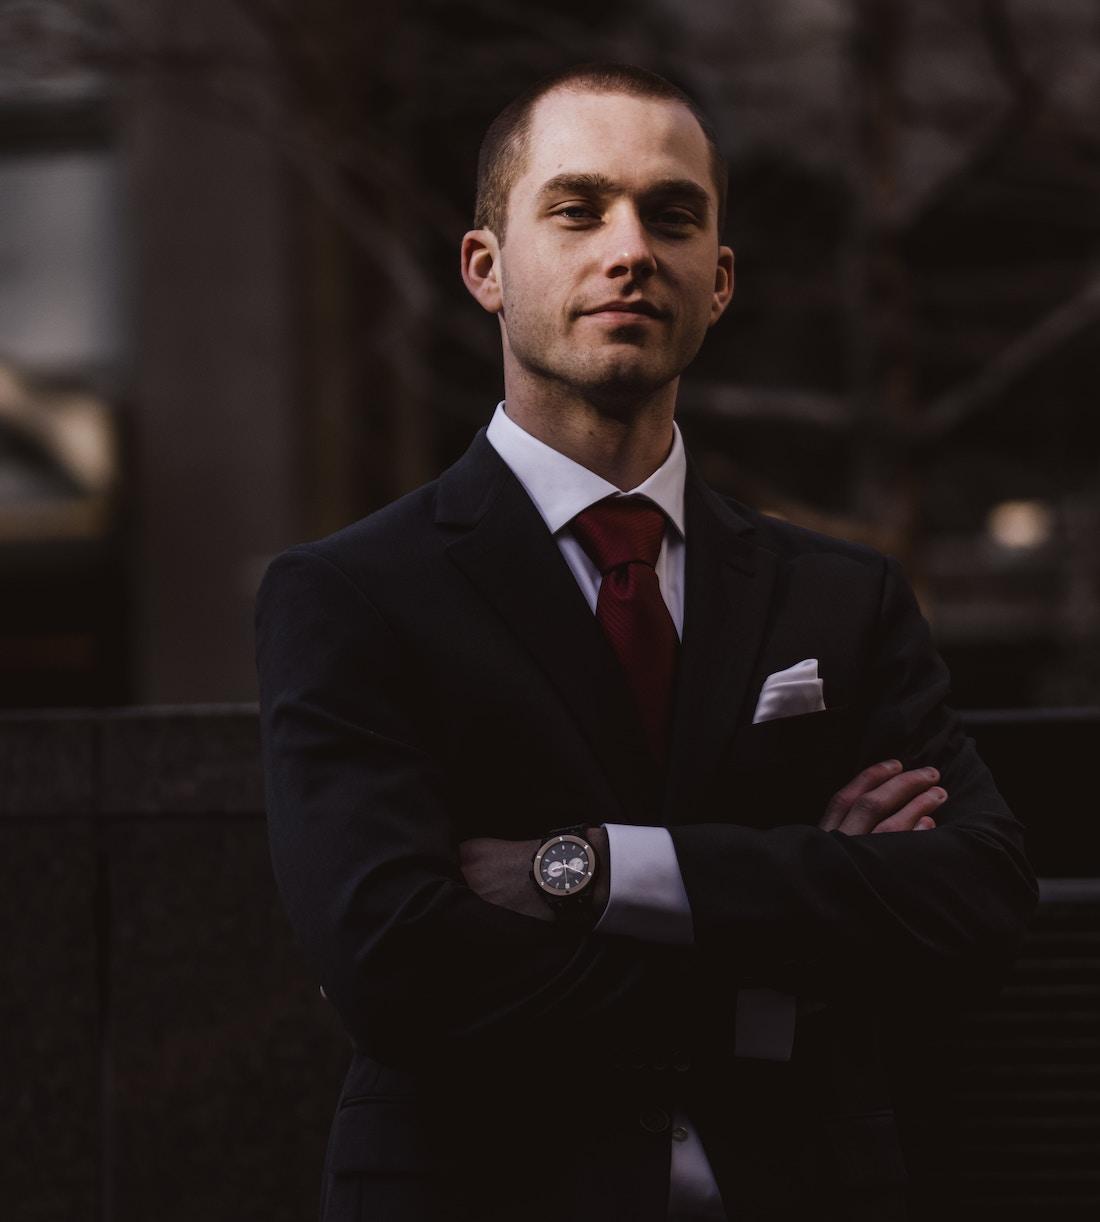 Dress code prawnika – najważniejsze zasady ubioru profesjonalisty